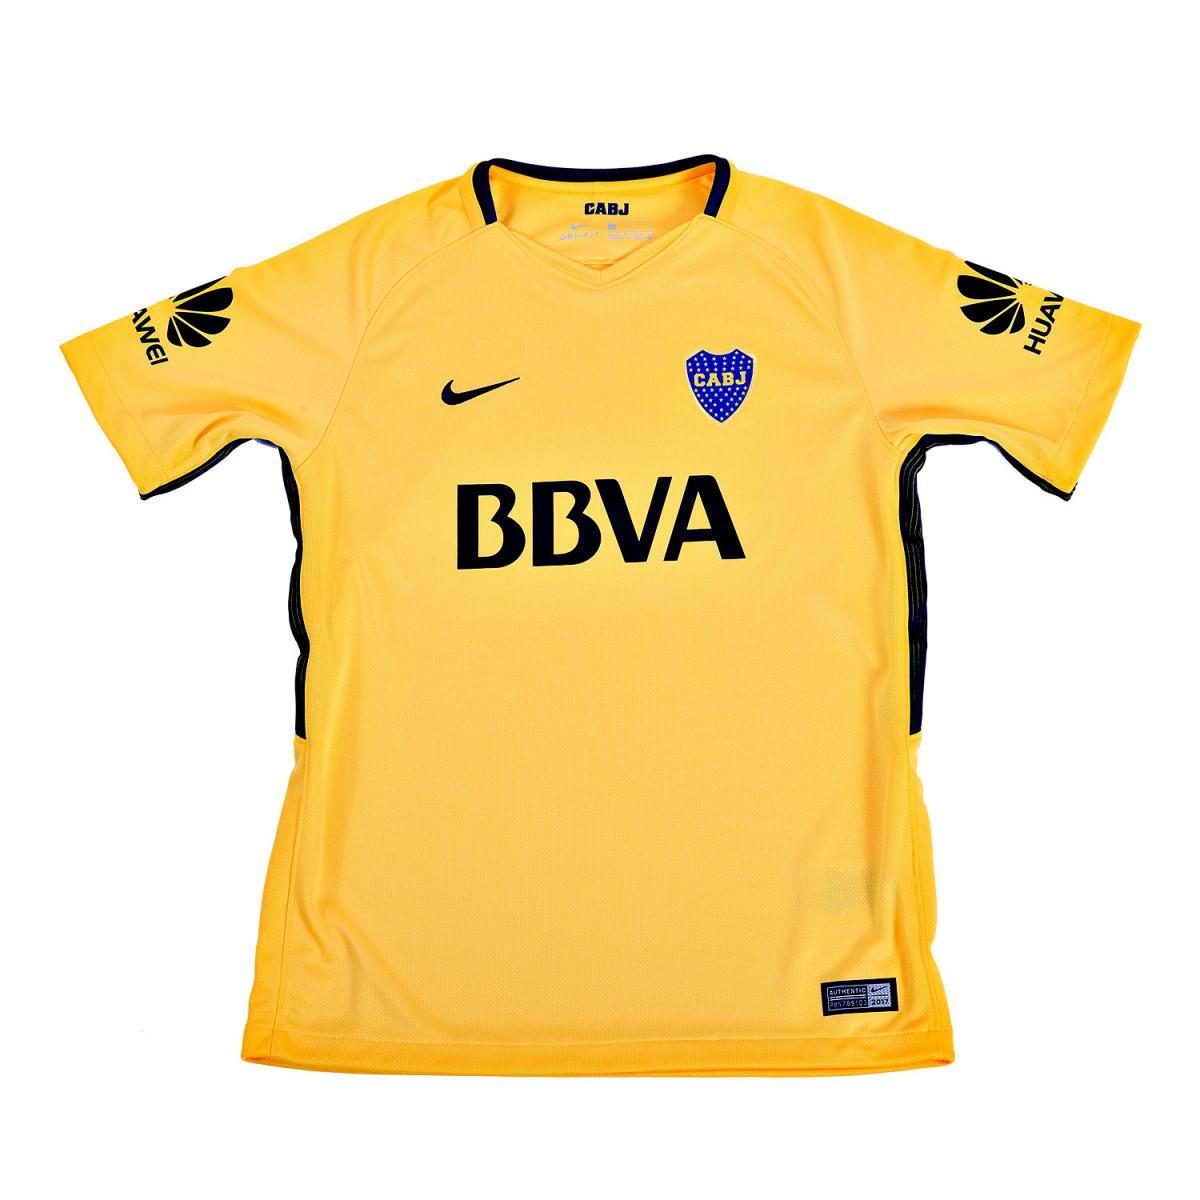 Camiseta Nike Boca Brt Stad Jsy 2017